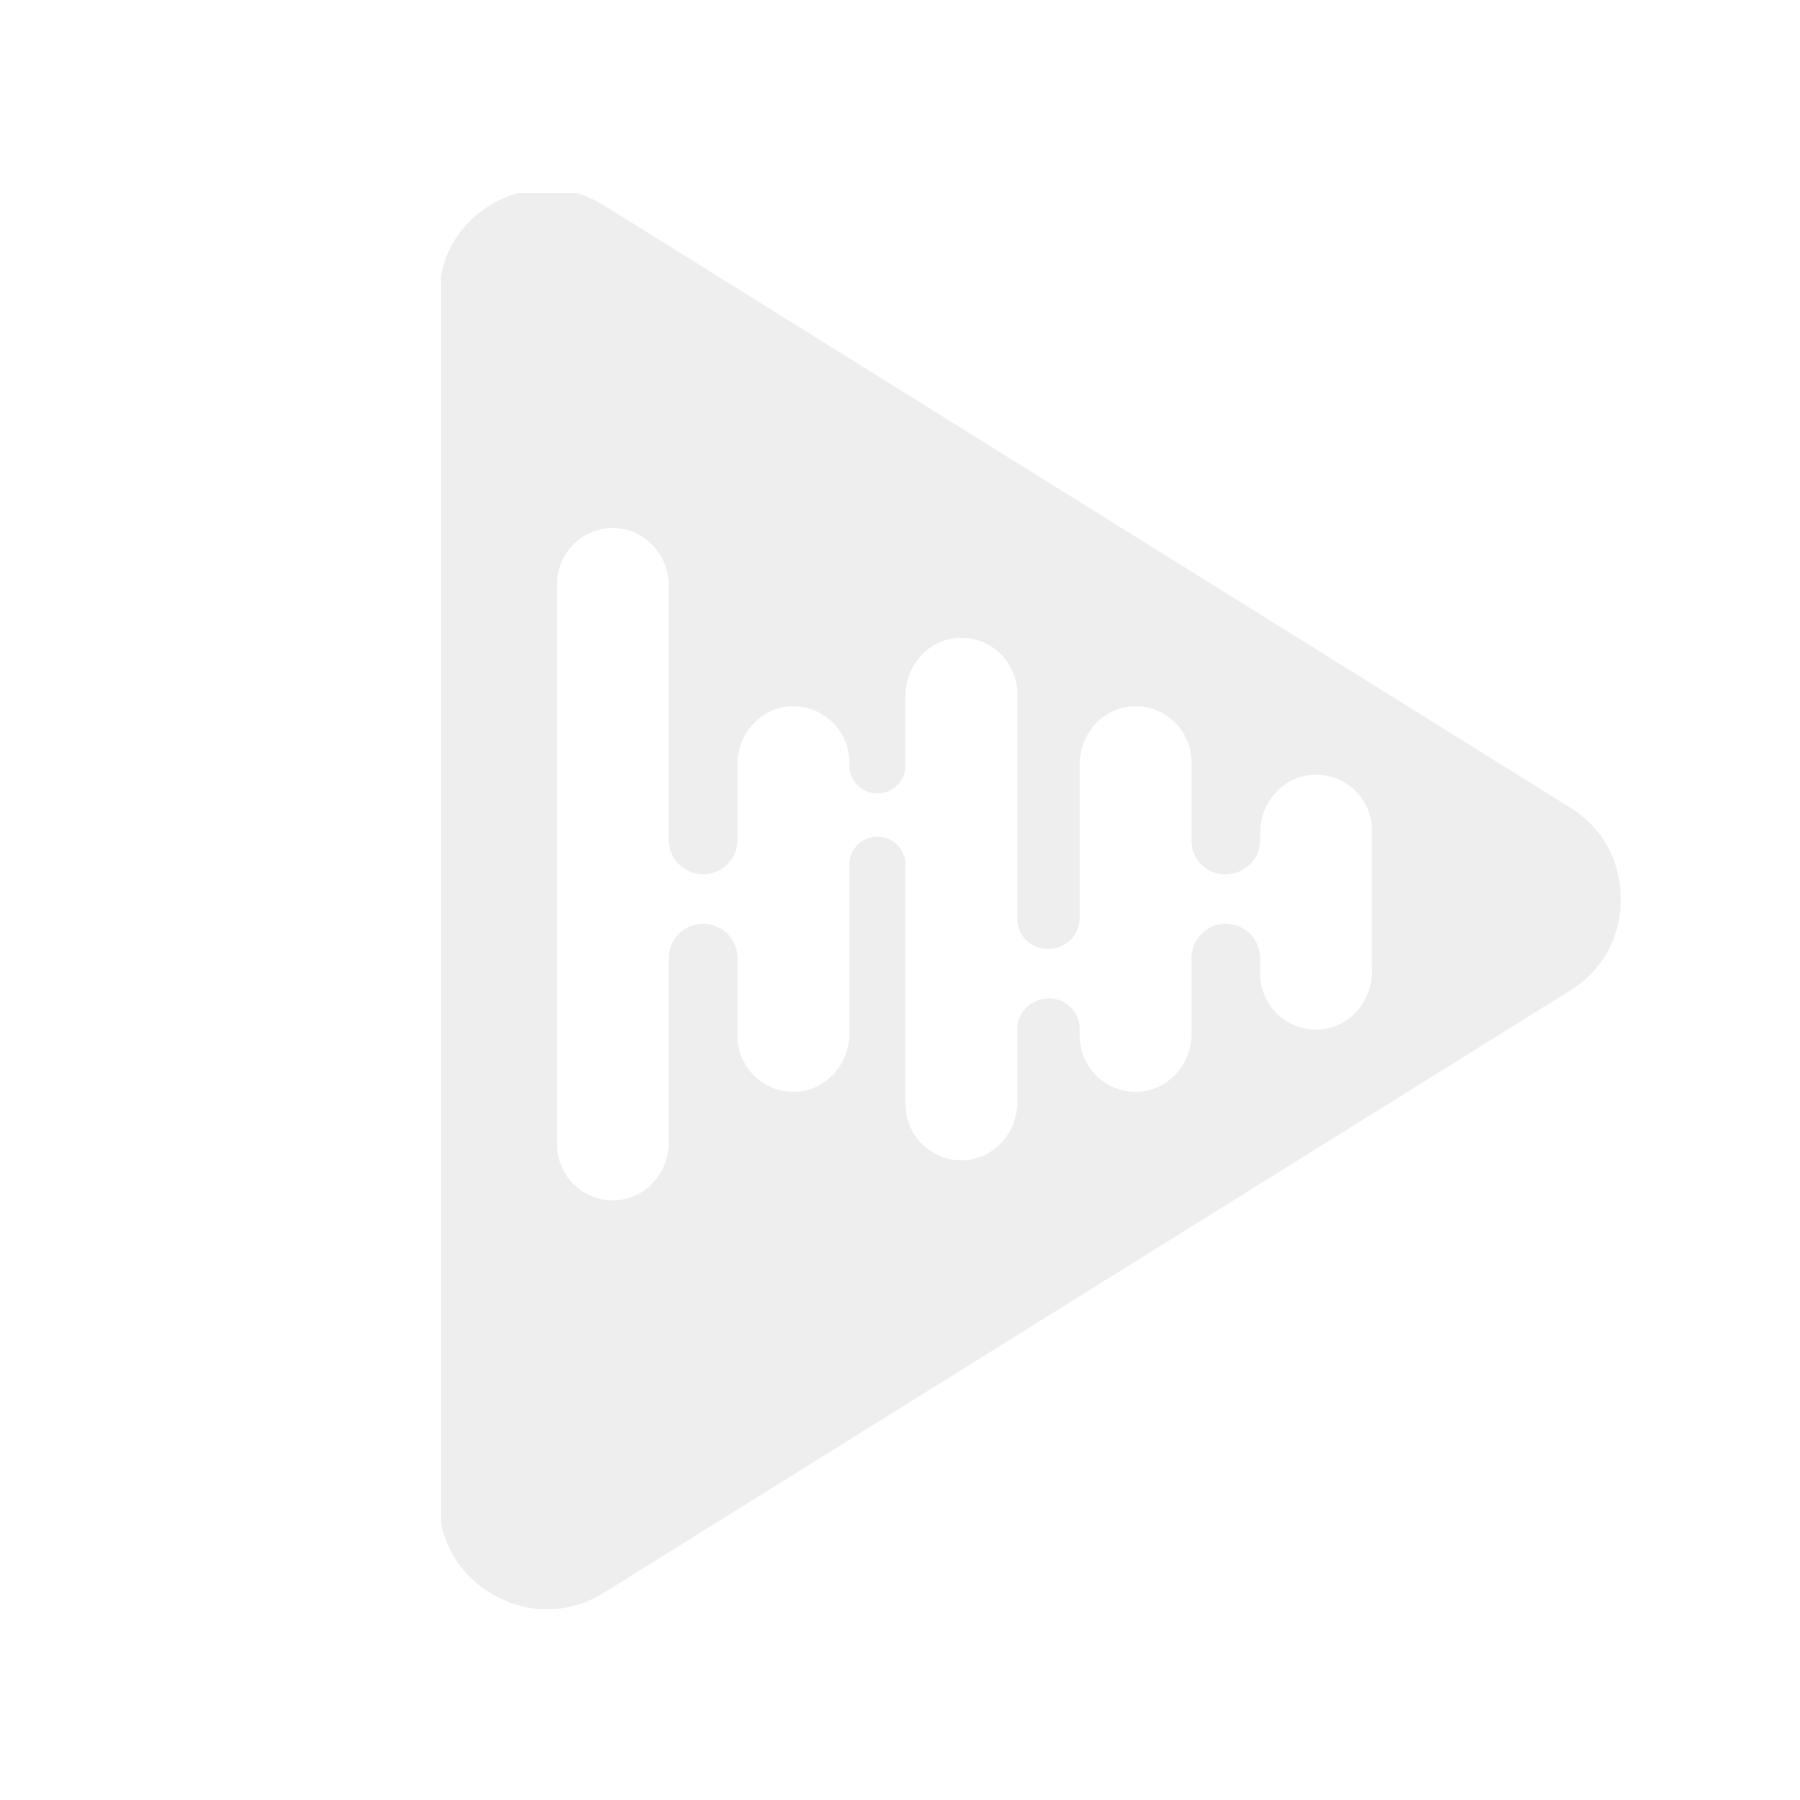 Grandview 148803 - Motor lerret Cyber, 106